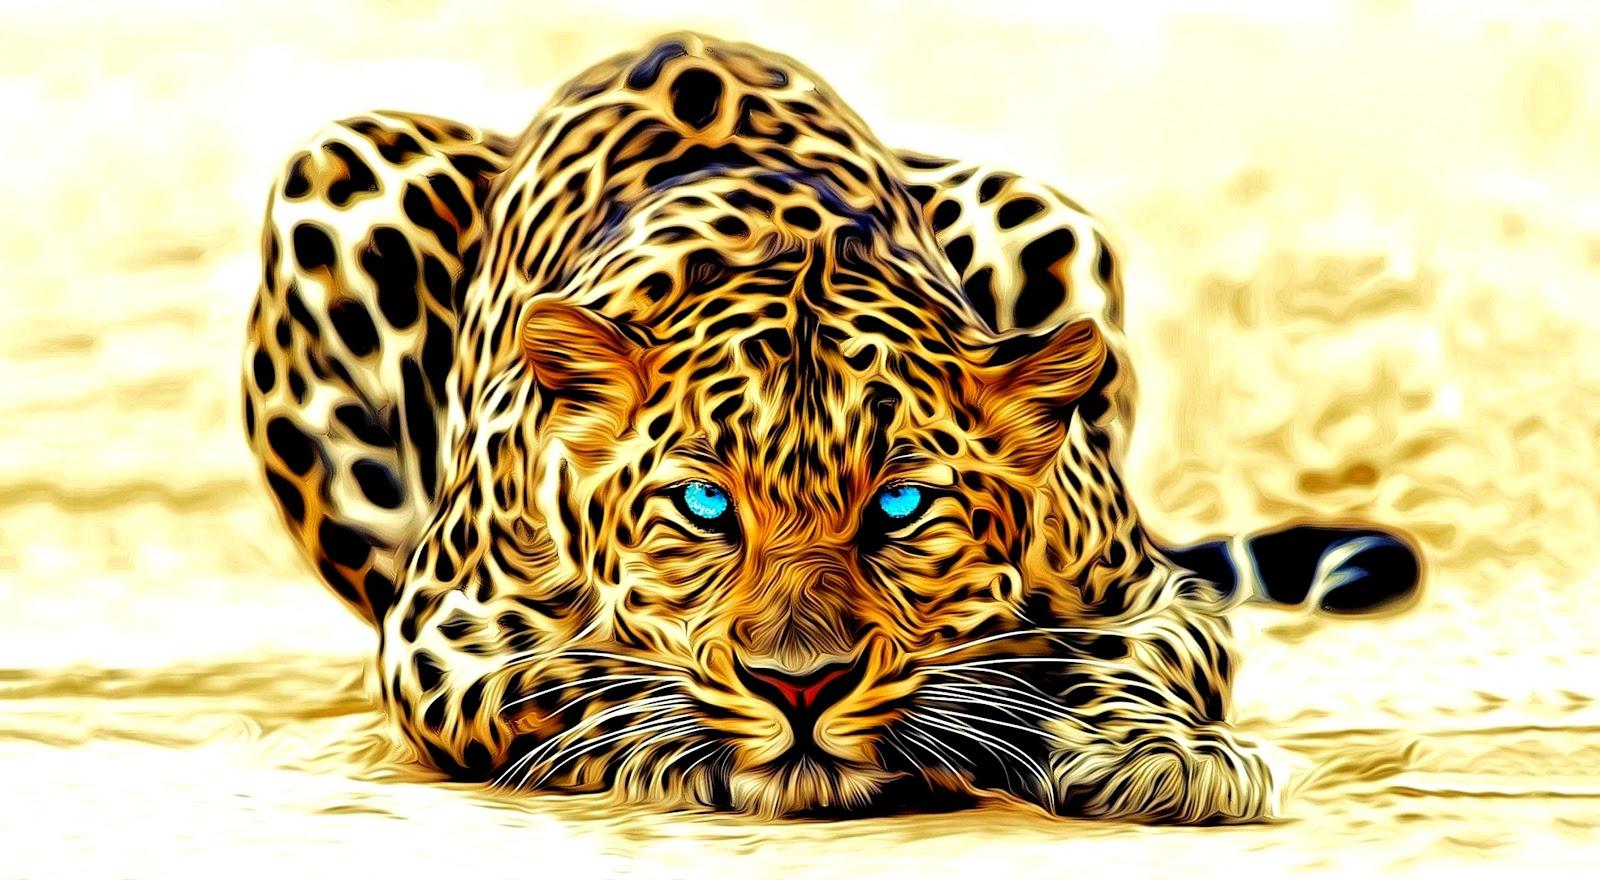 Tiger Wallpaper 3d Wallpapers Box